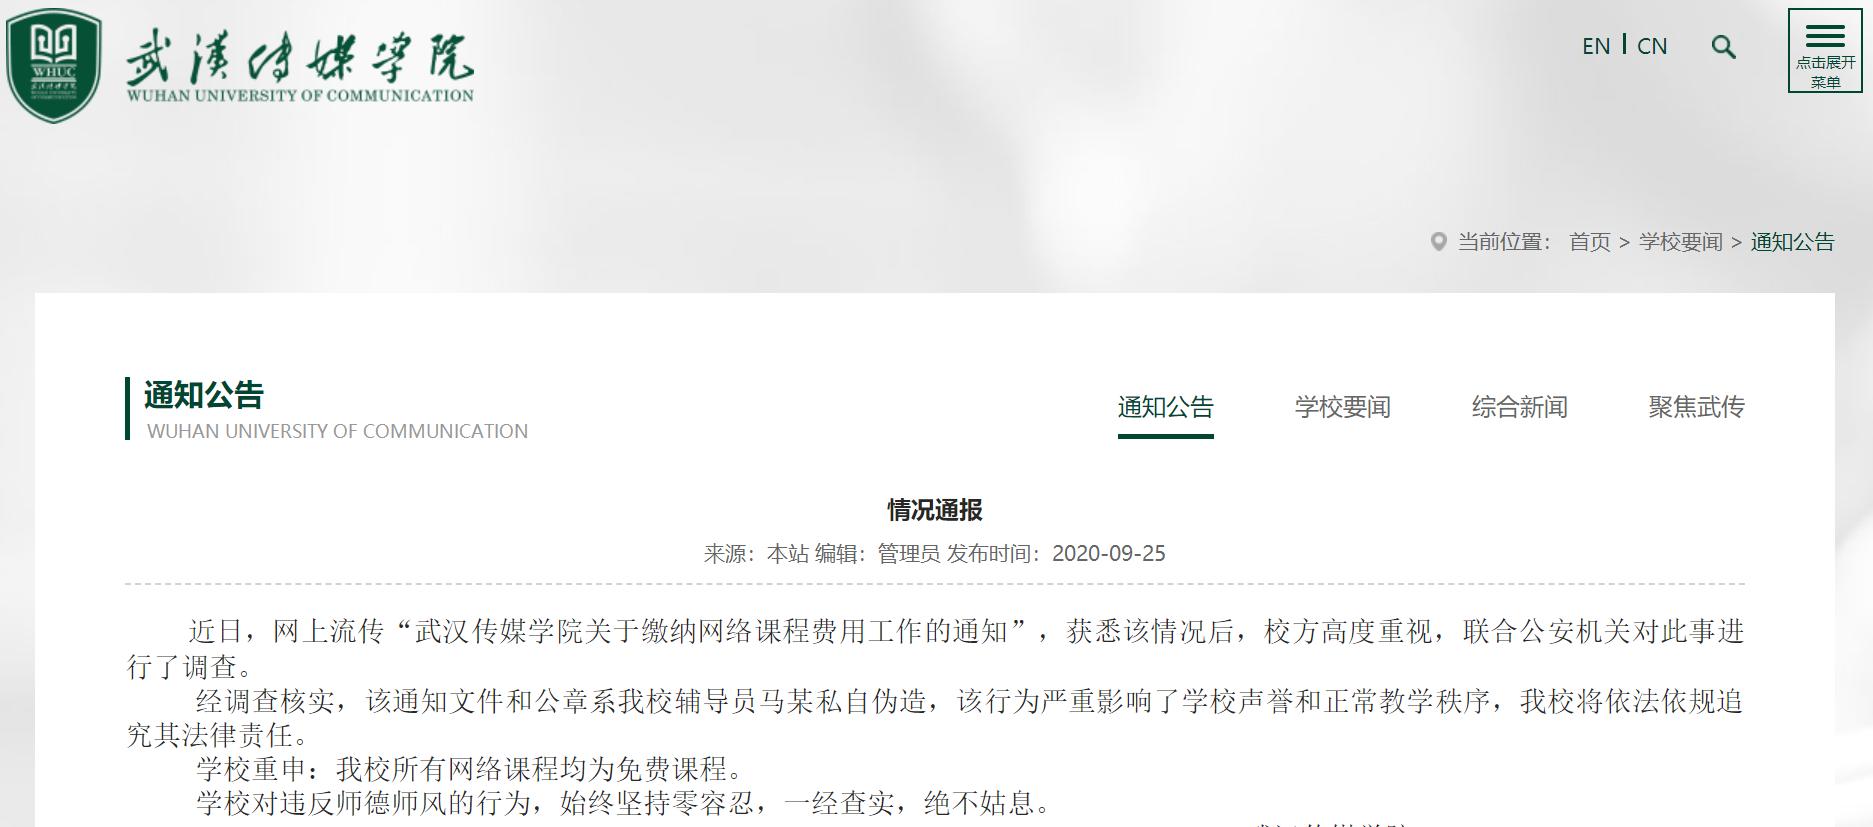 """武汉传媒学院回应""""网传缴纳网络课程费用的通知"""":系辅导员伪造"""